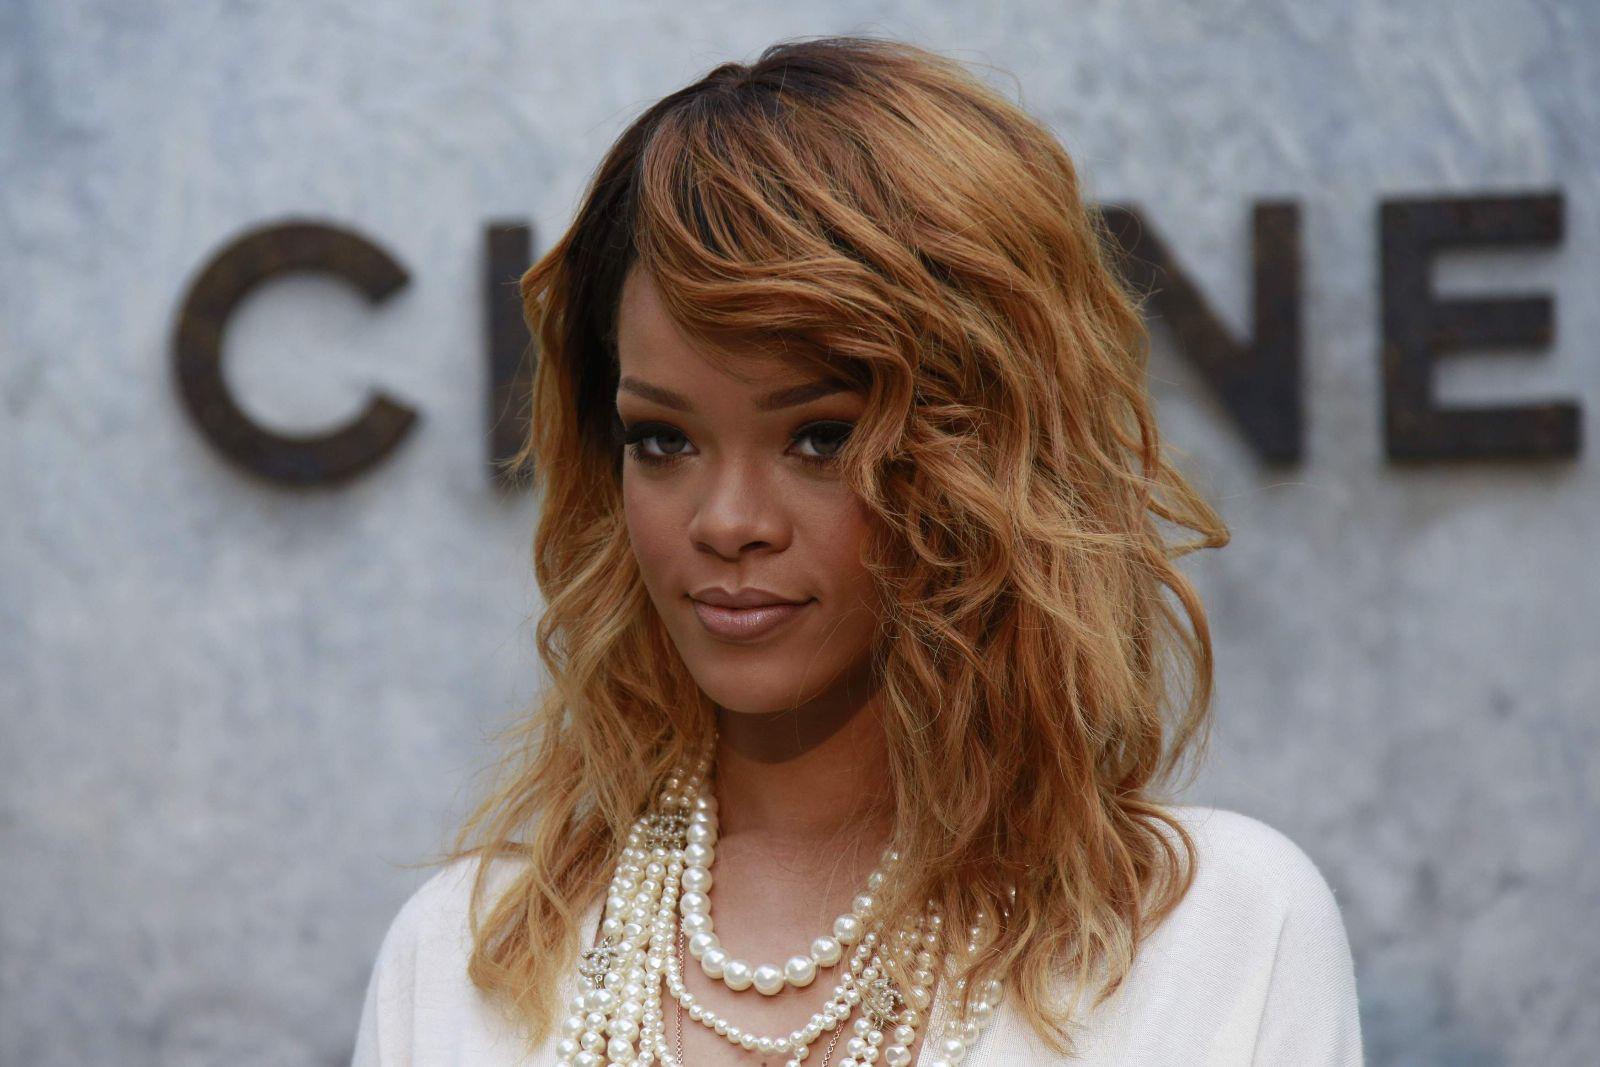 Hồ sơ nhân vật - Tiểu sử về Rihanna - nghe si rihanna 3282 -